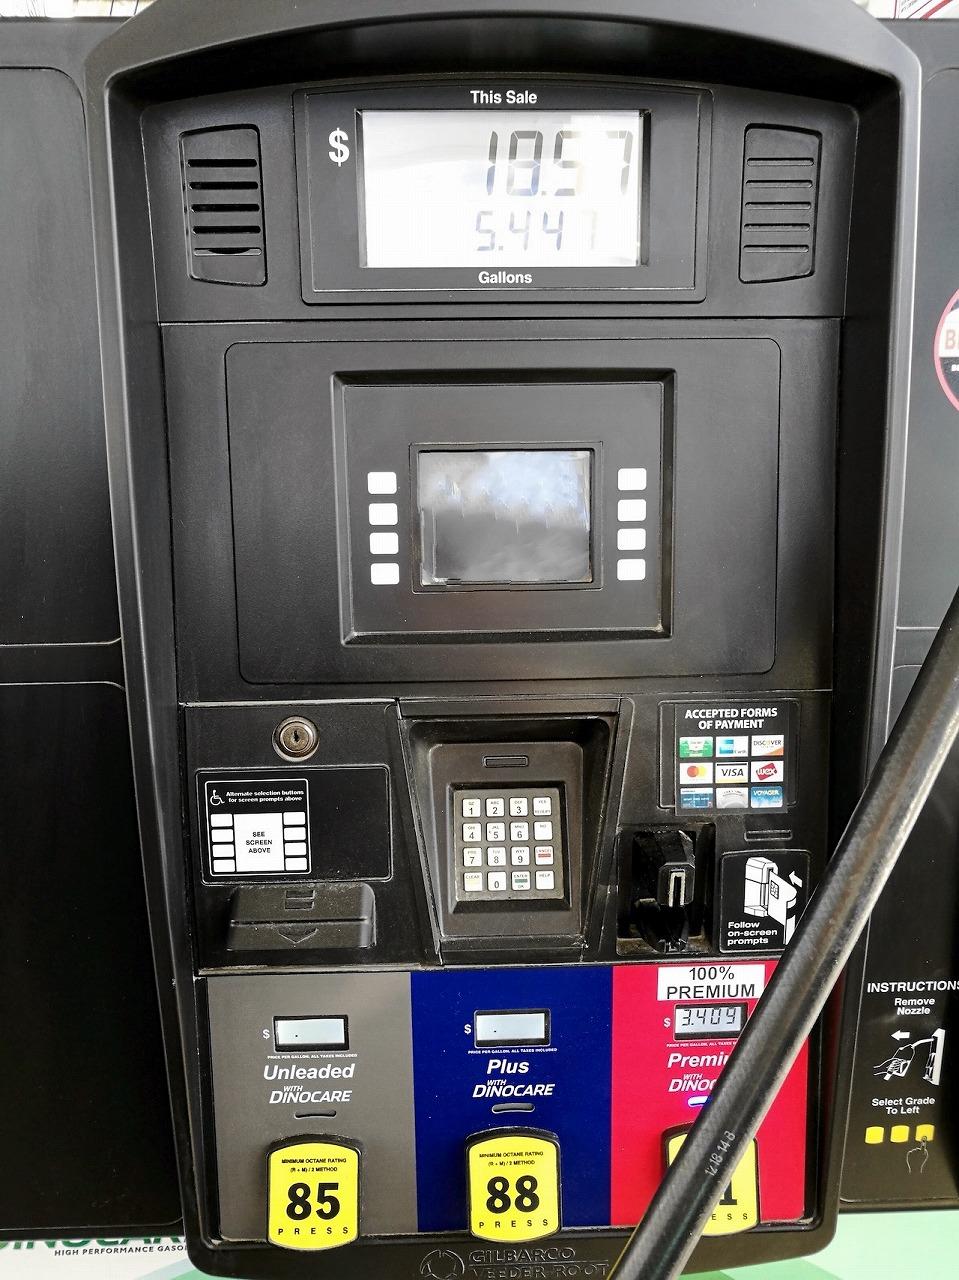 rentalcar-gas-station12